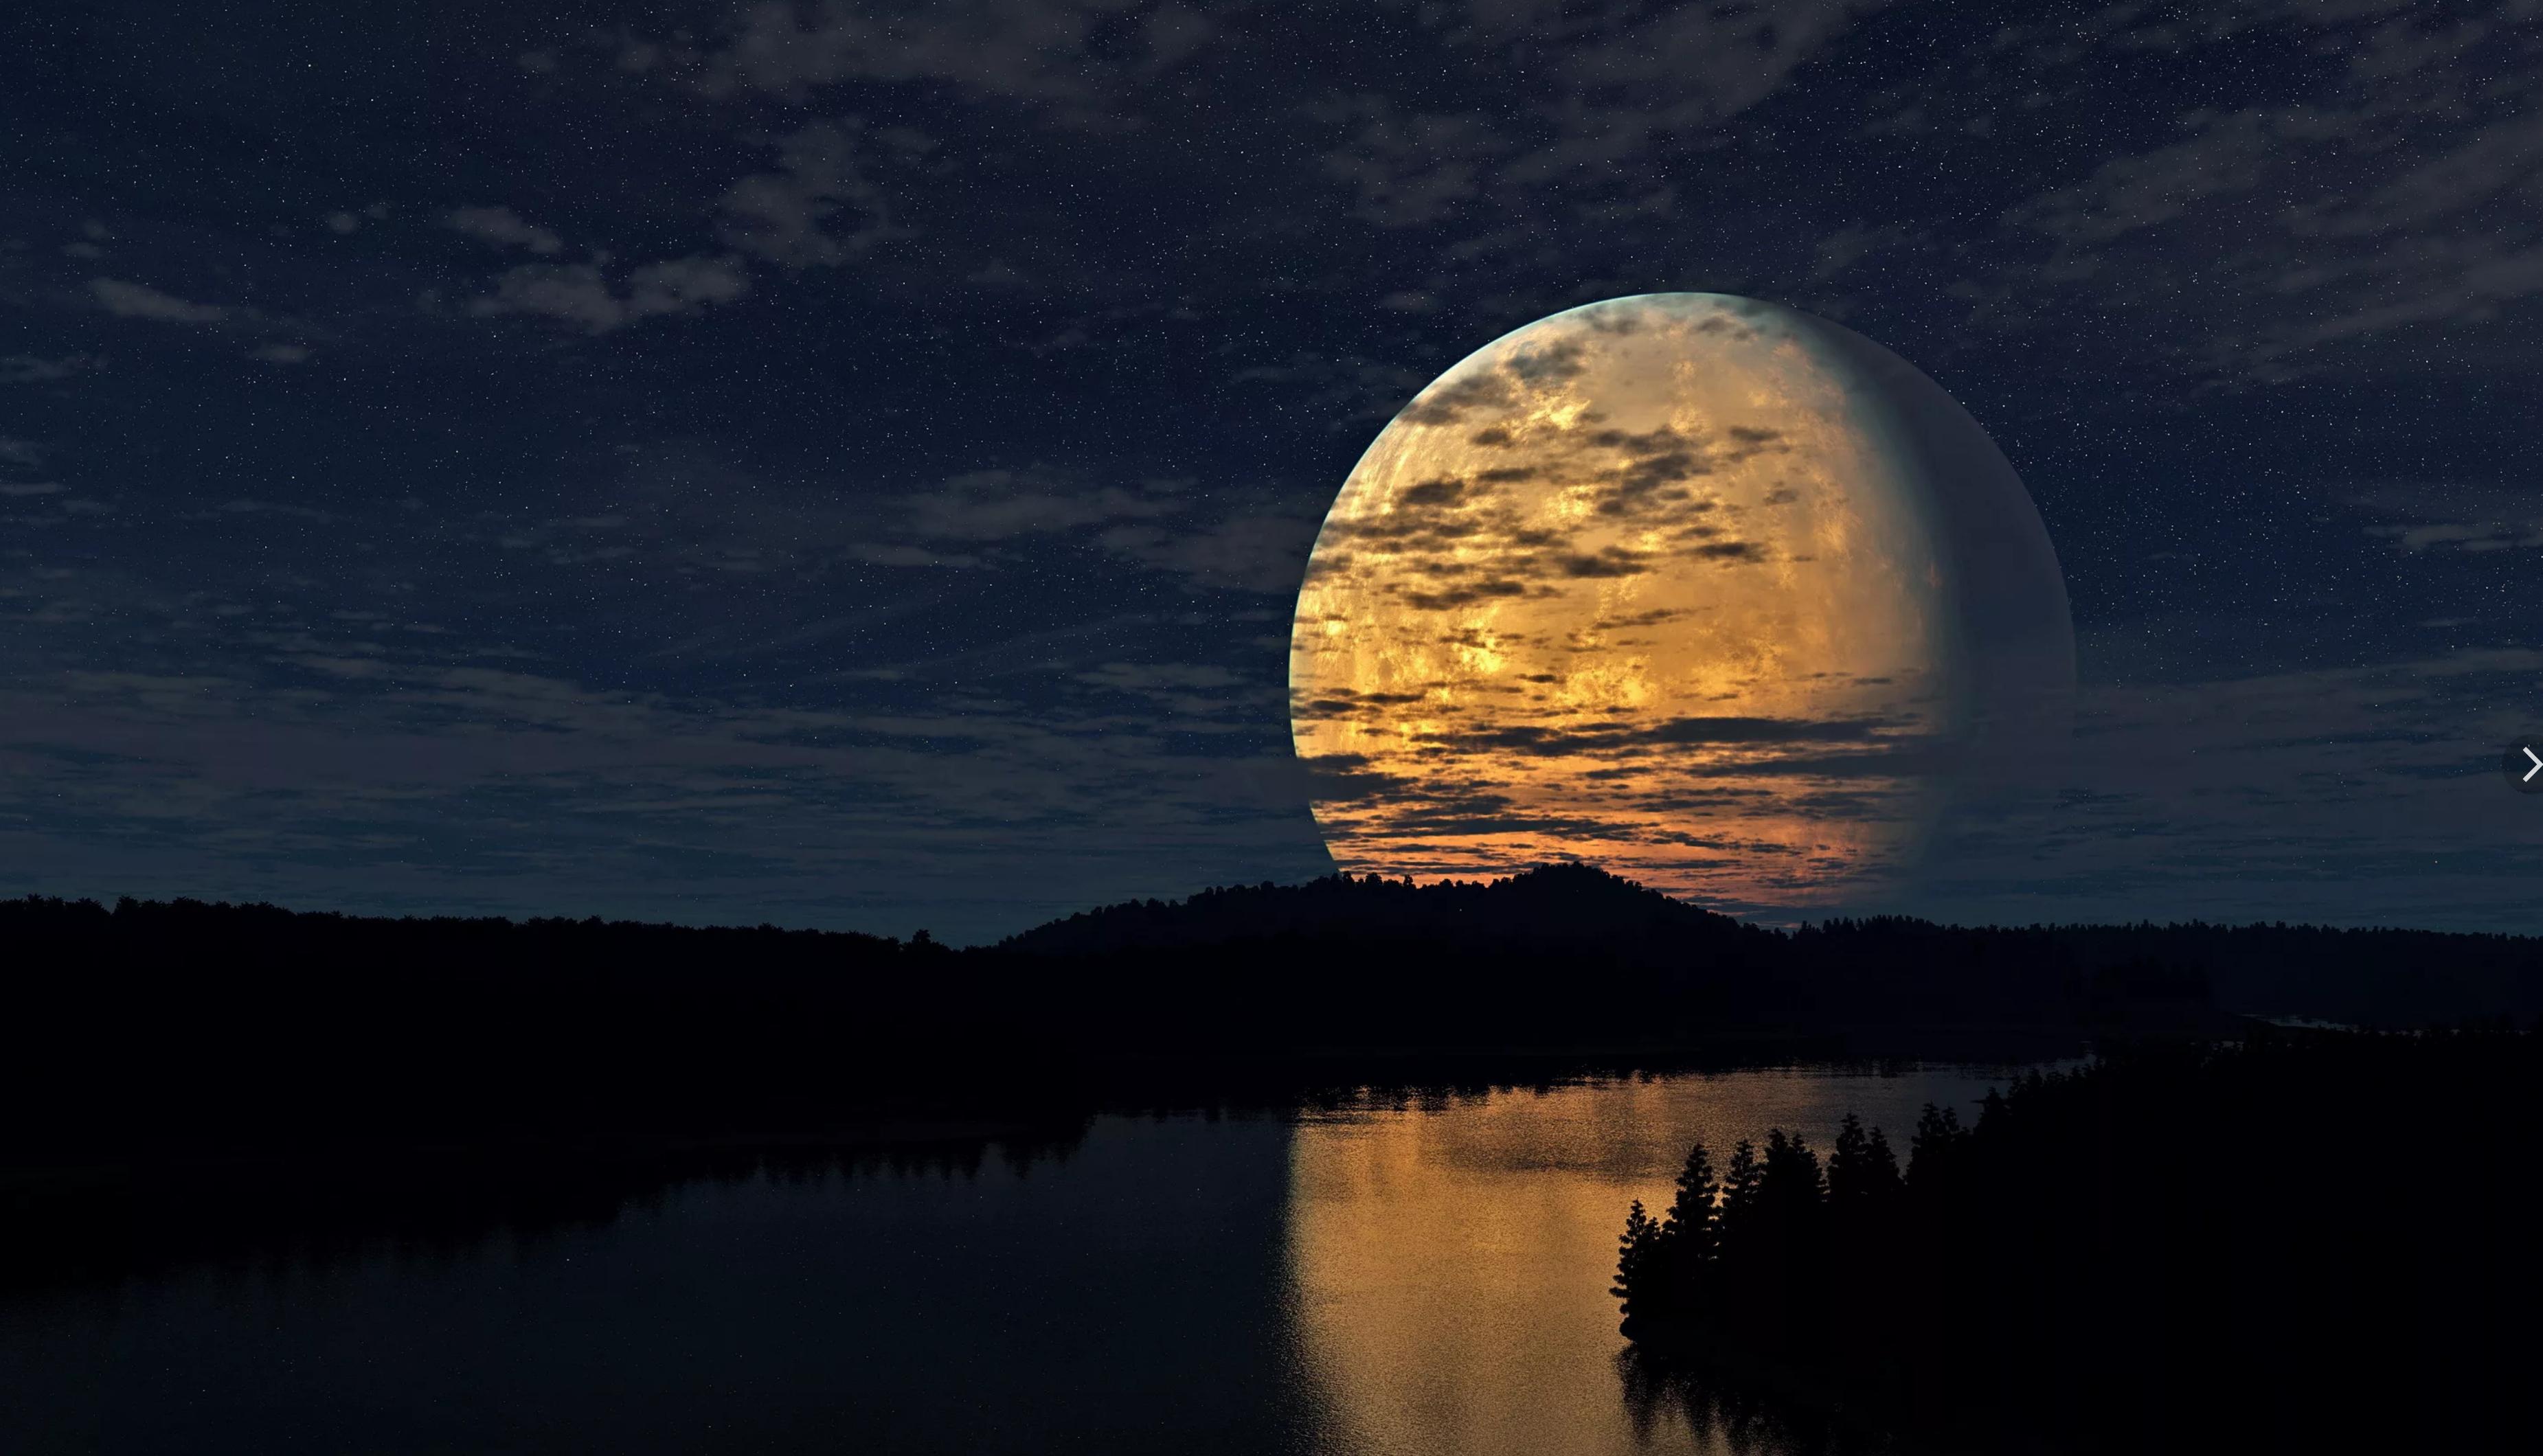 Лунный календарь на 21 ноября: прогнозы астрологов на самый благоприятный день в году